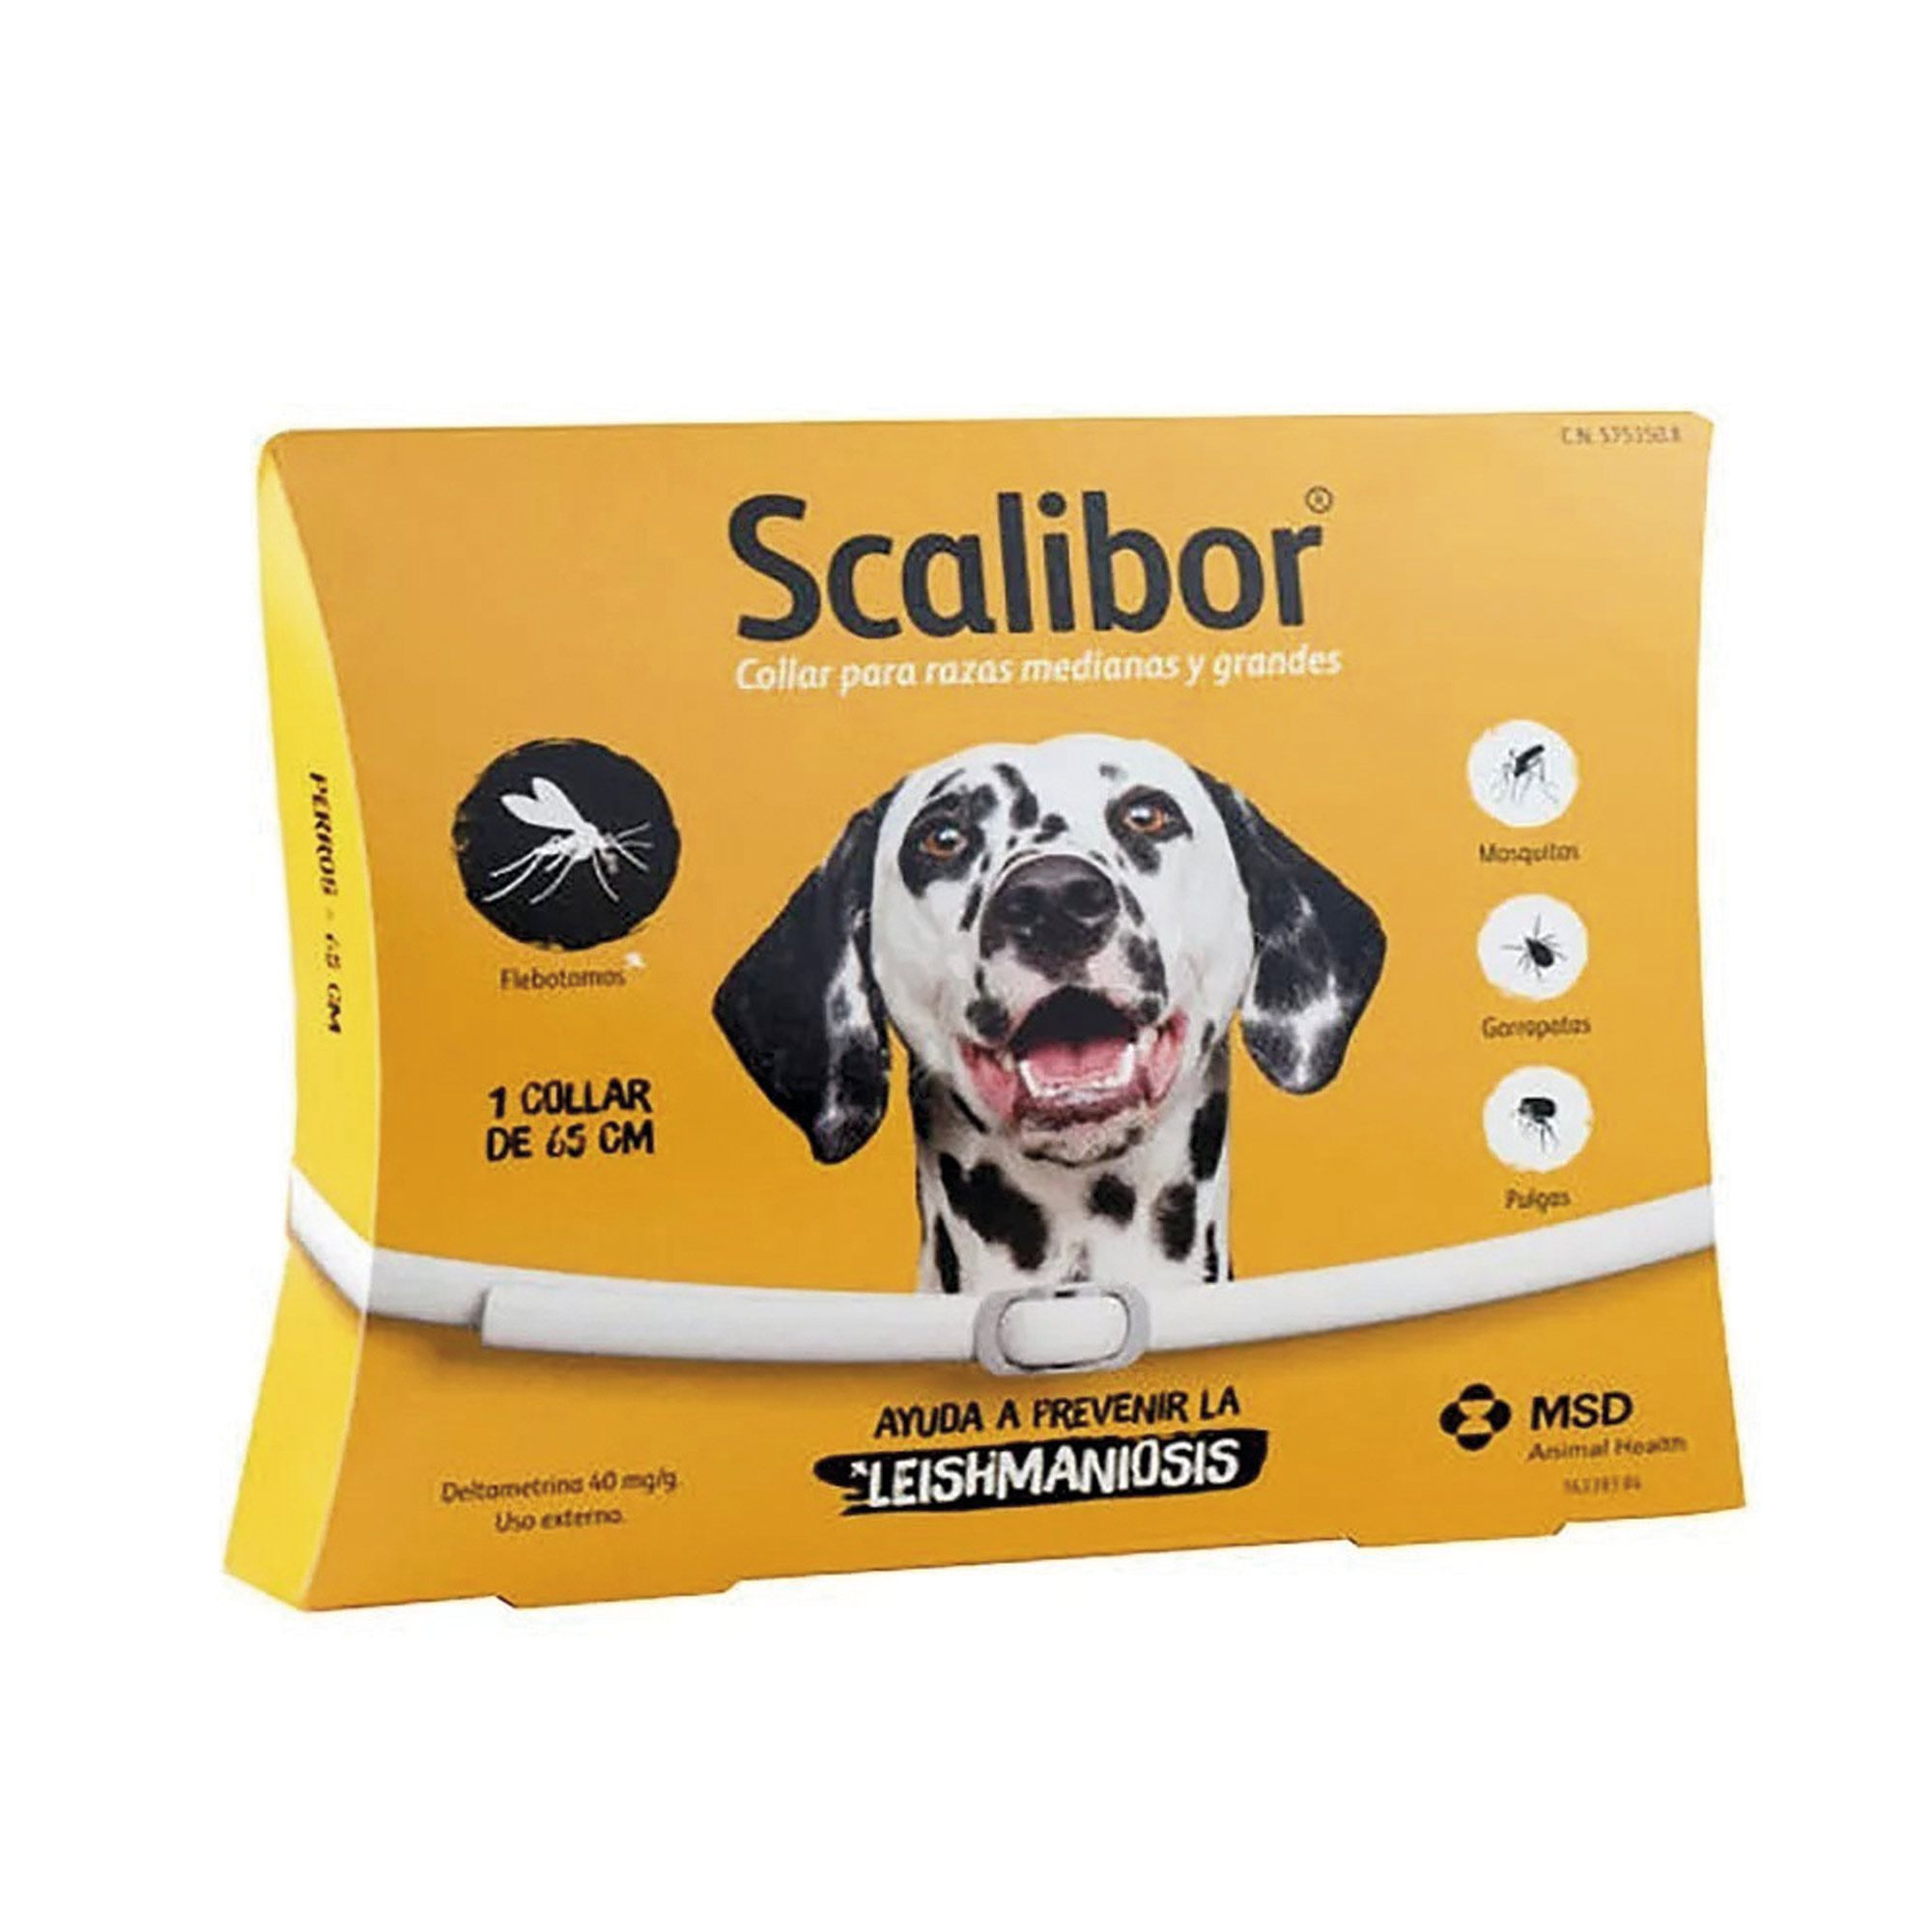 Coleira Anti-pulgas para Cães Antiparasitas Scalibor